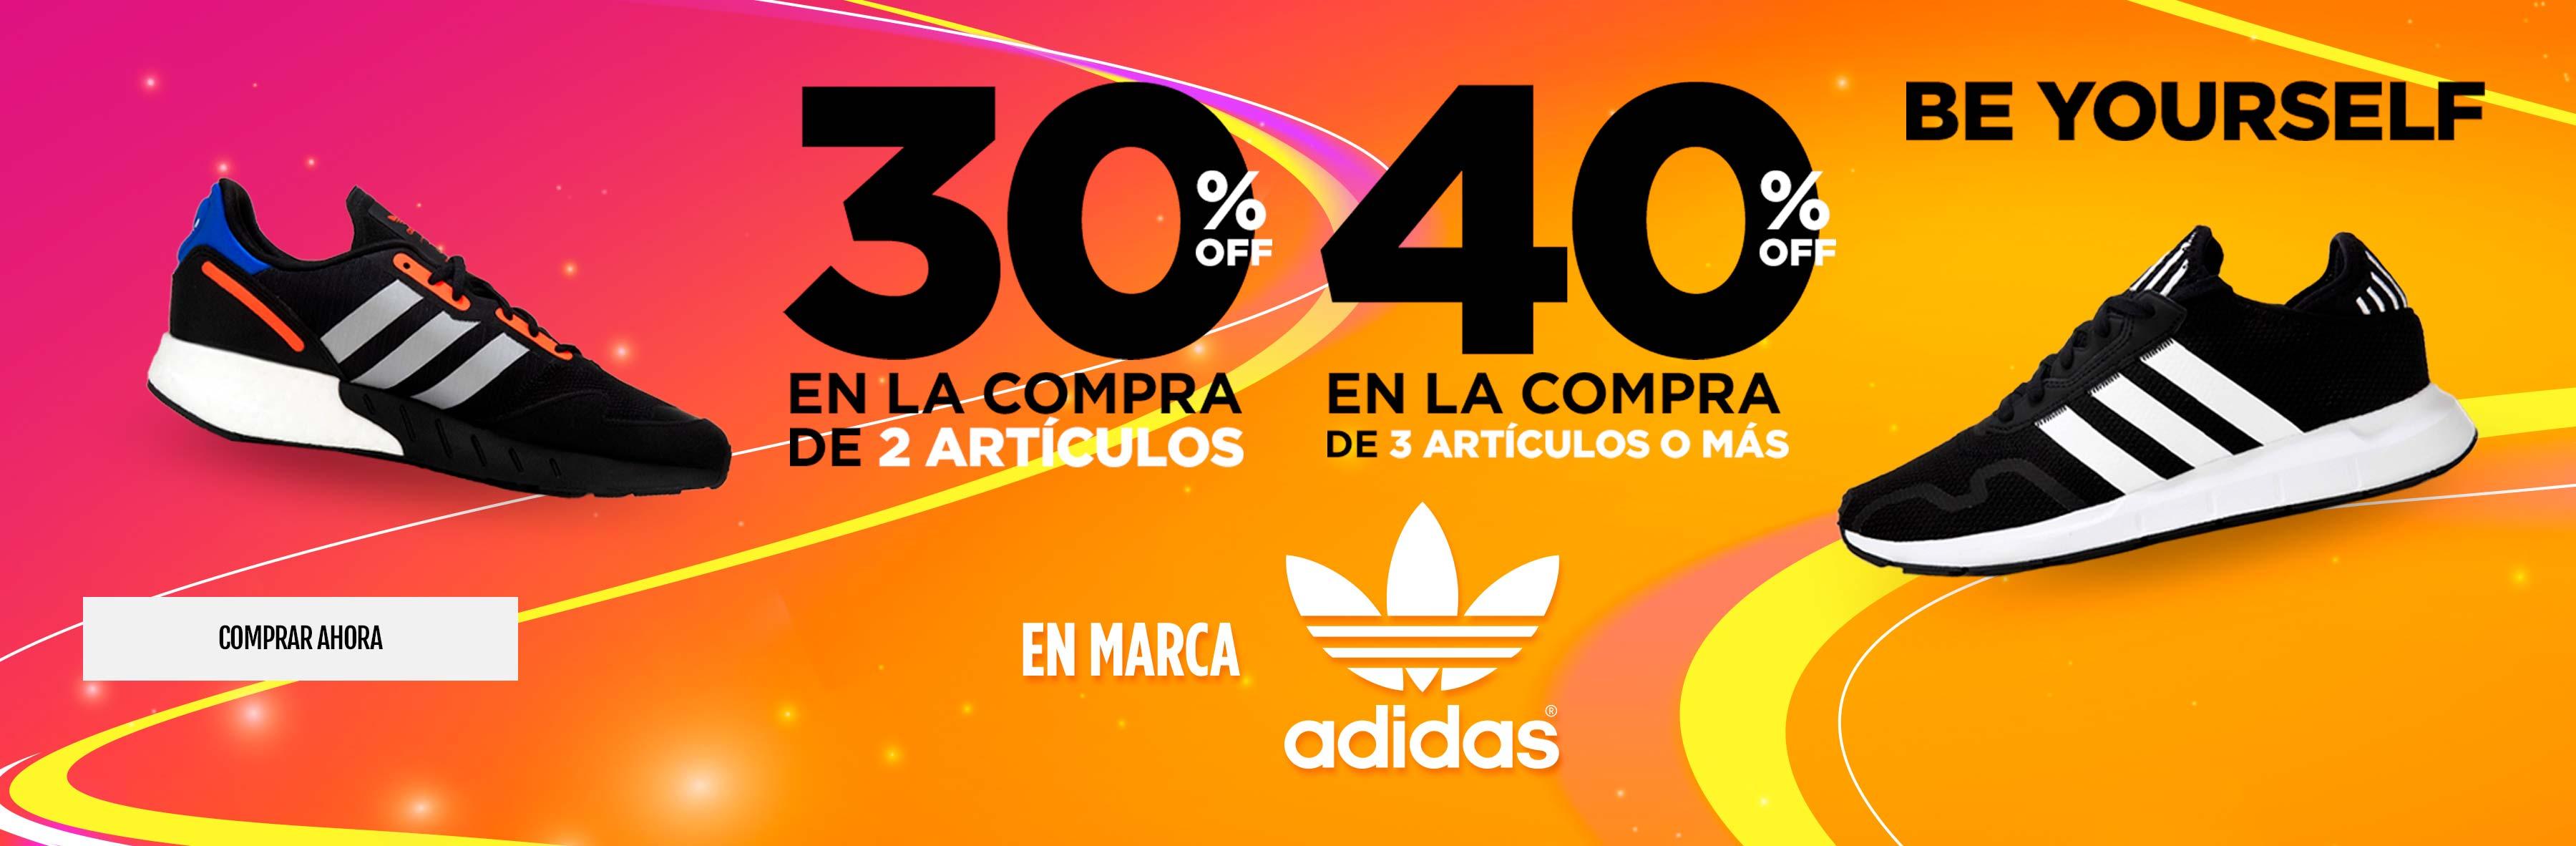 ESCALONADA ADIDAS 30% / 40%